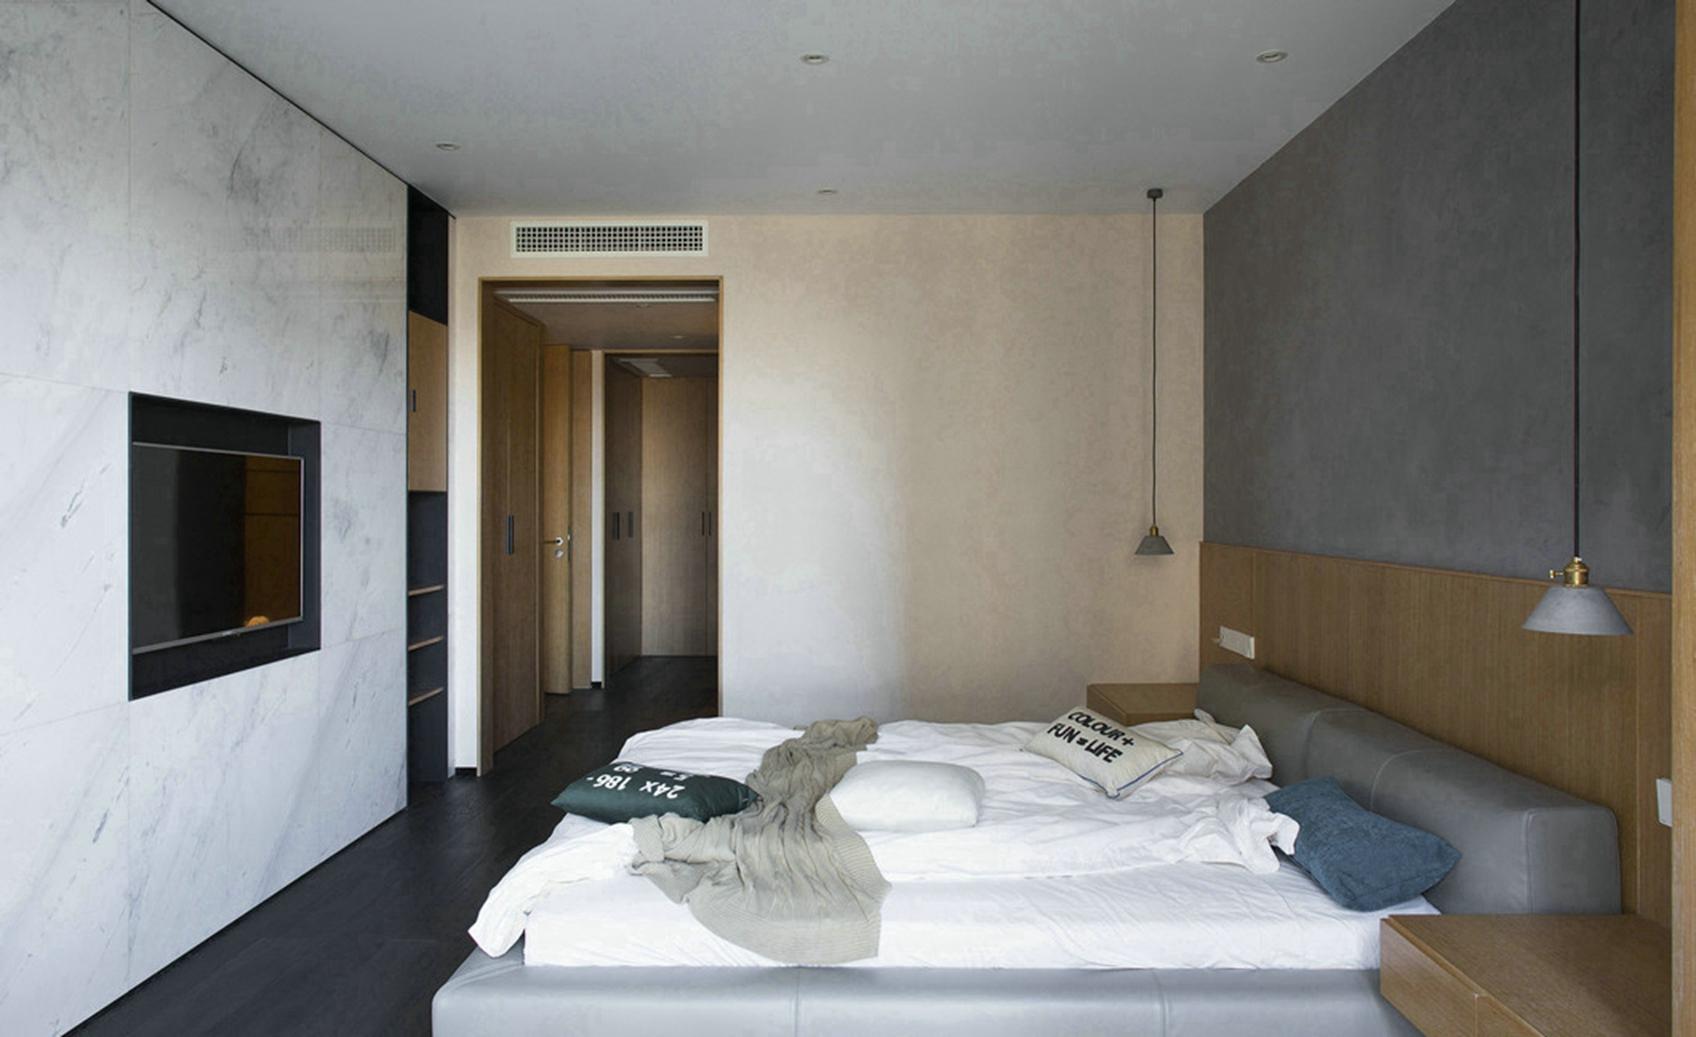 卧室整体的颜色搭配很是简单大气,吊灯、地面材料、都烘托出了屋内的时尚